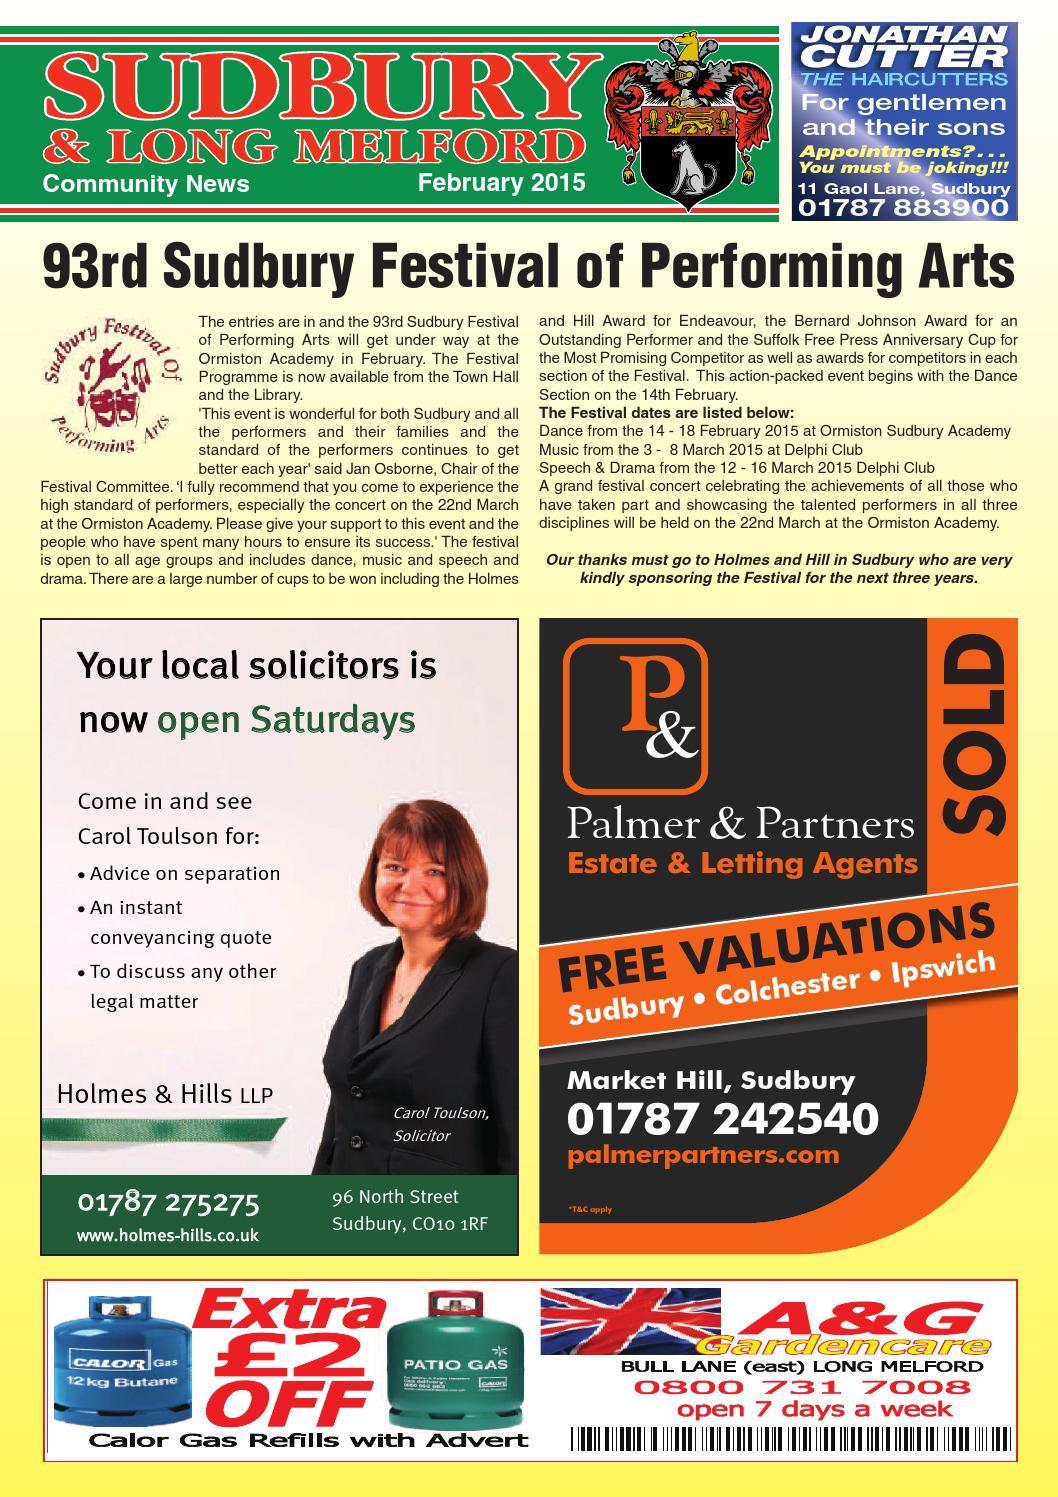 7f0a6d3d915 Sudbury   Long Melford Community News